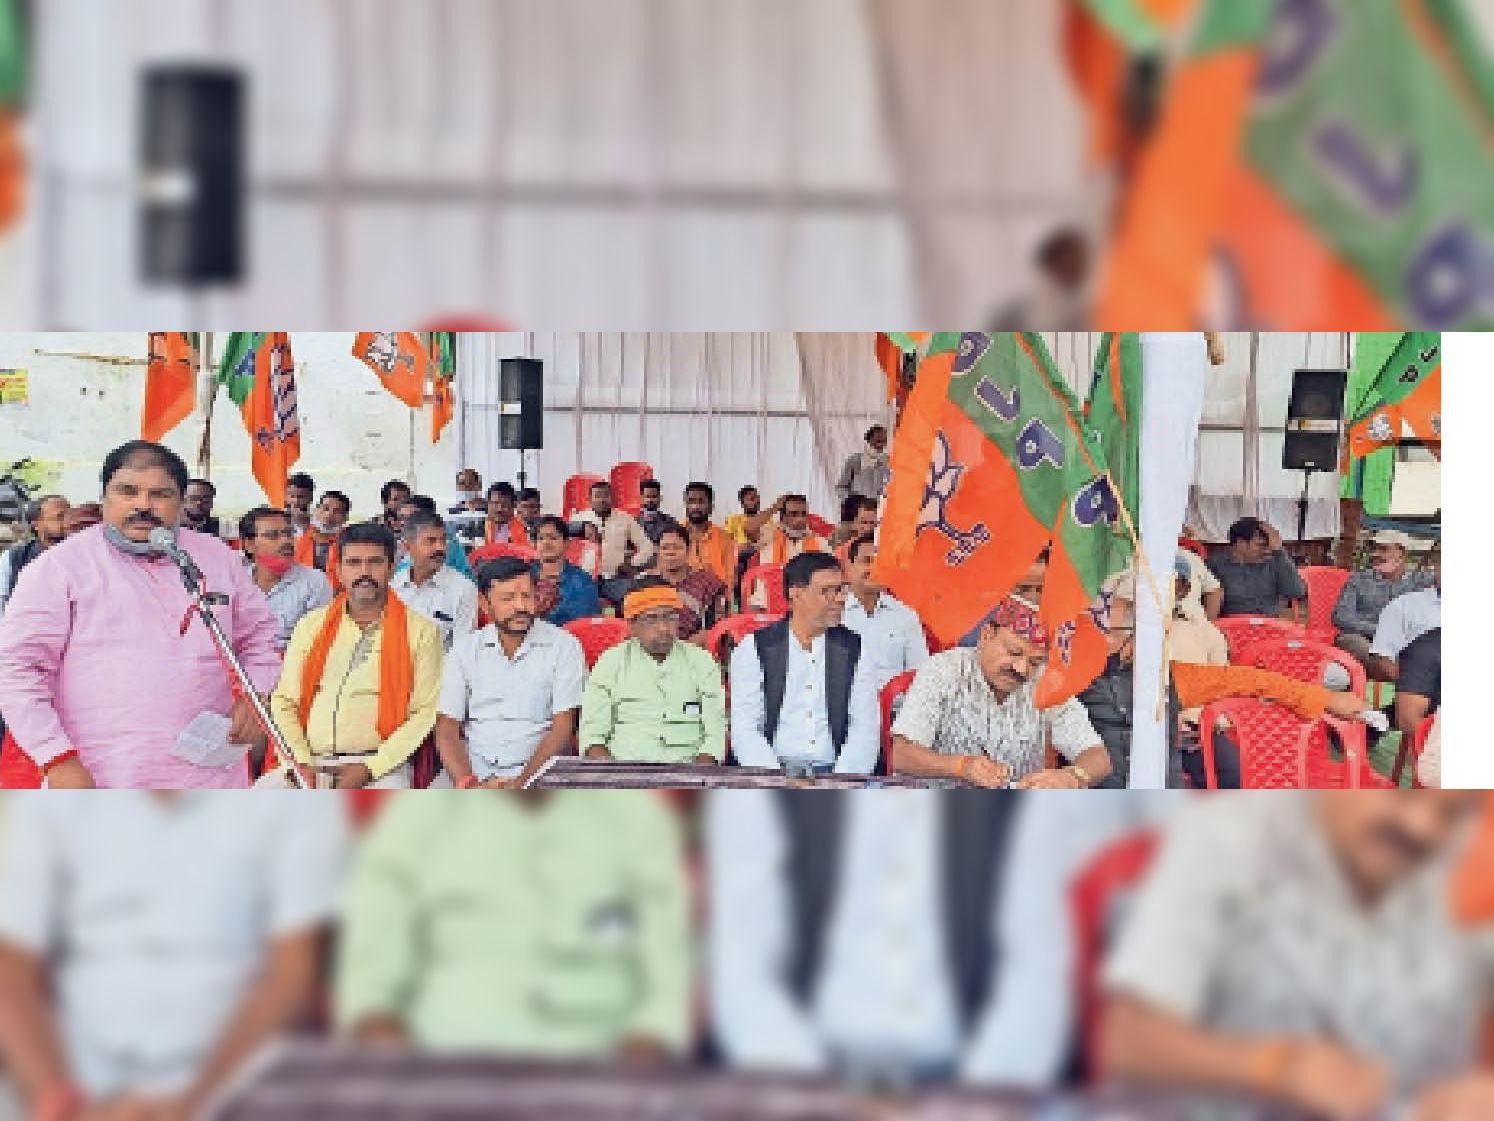 सिरहासार चौक पर धरना प्रदर्शन करते भाजपा नेता व कार्यकर्ता। - Dainik Bhaskar